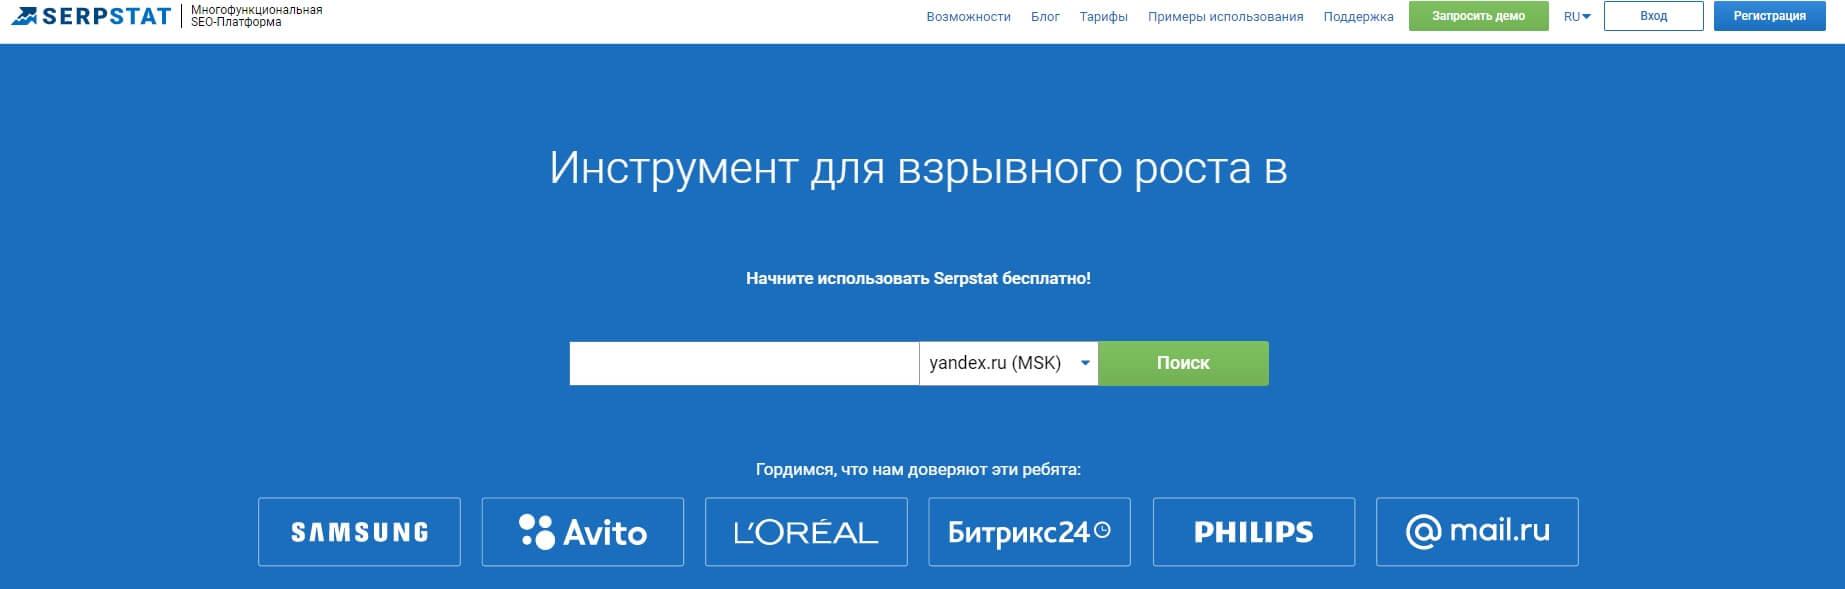 По-умолчанию поиск идет: Яндекс московского региона